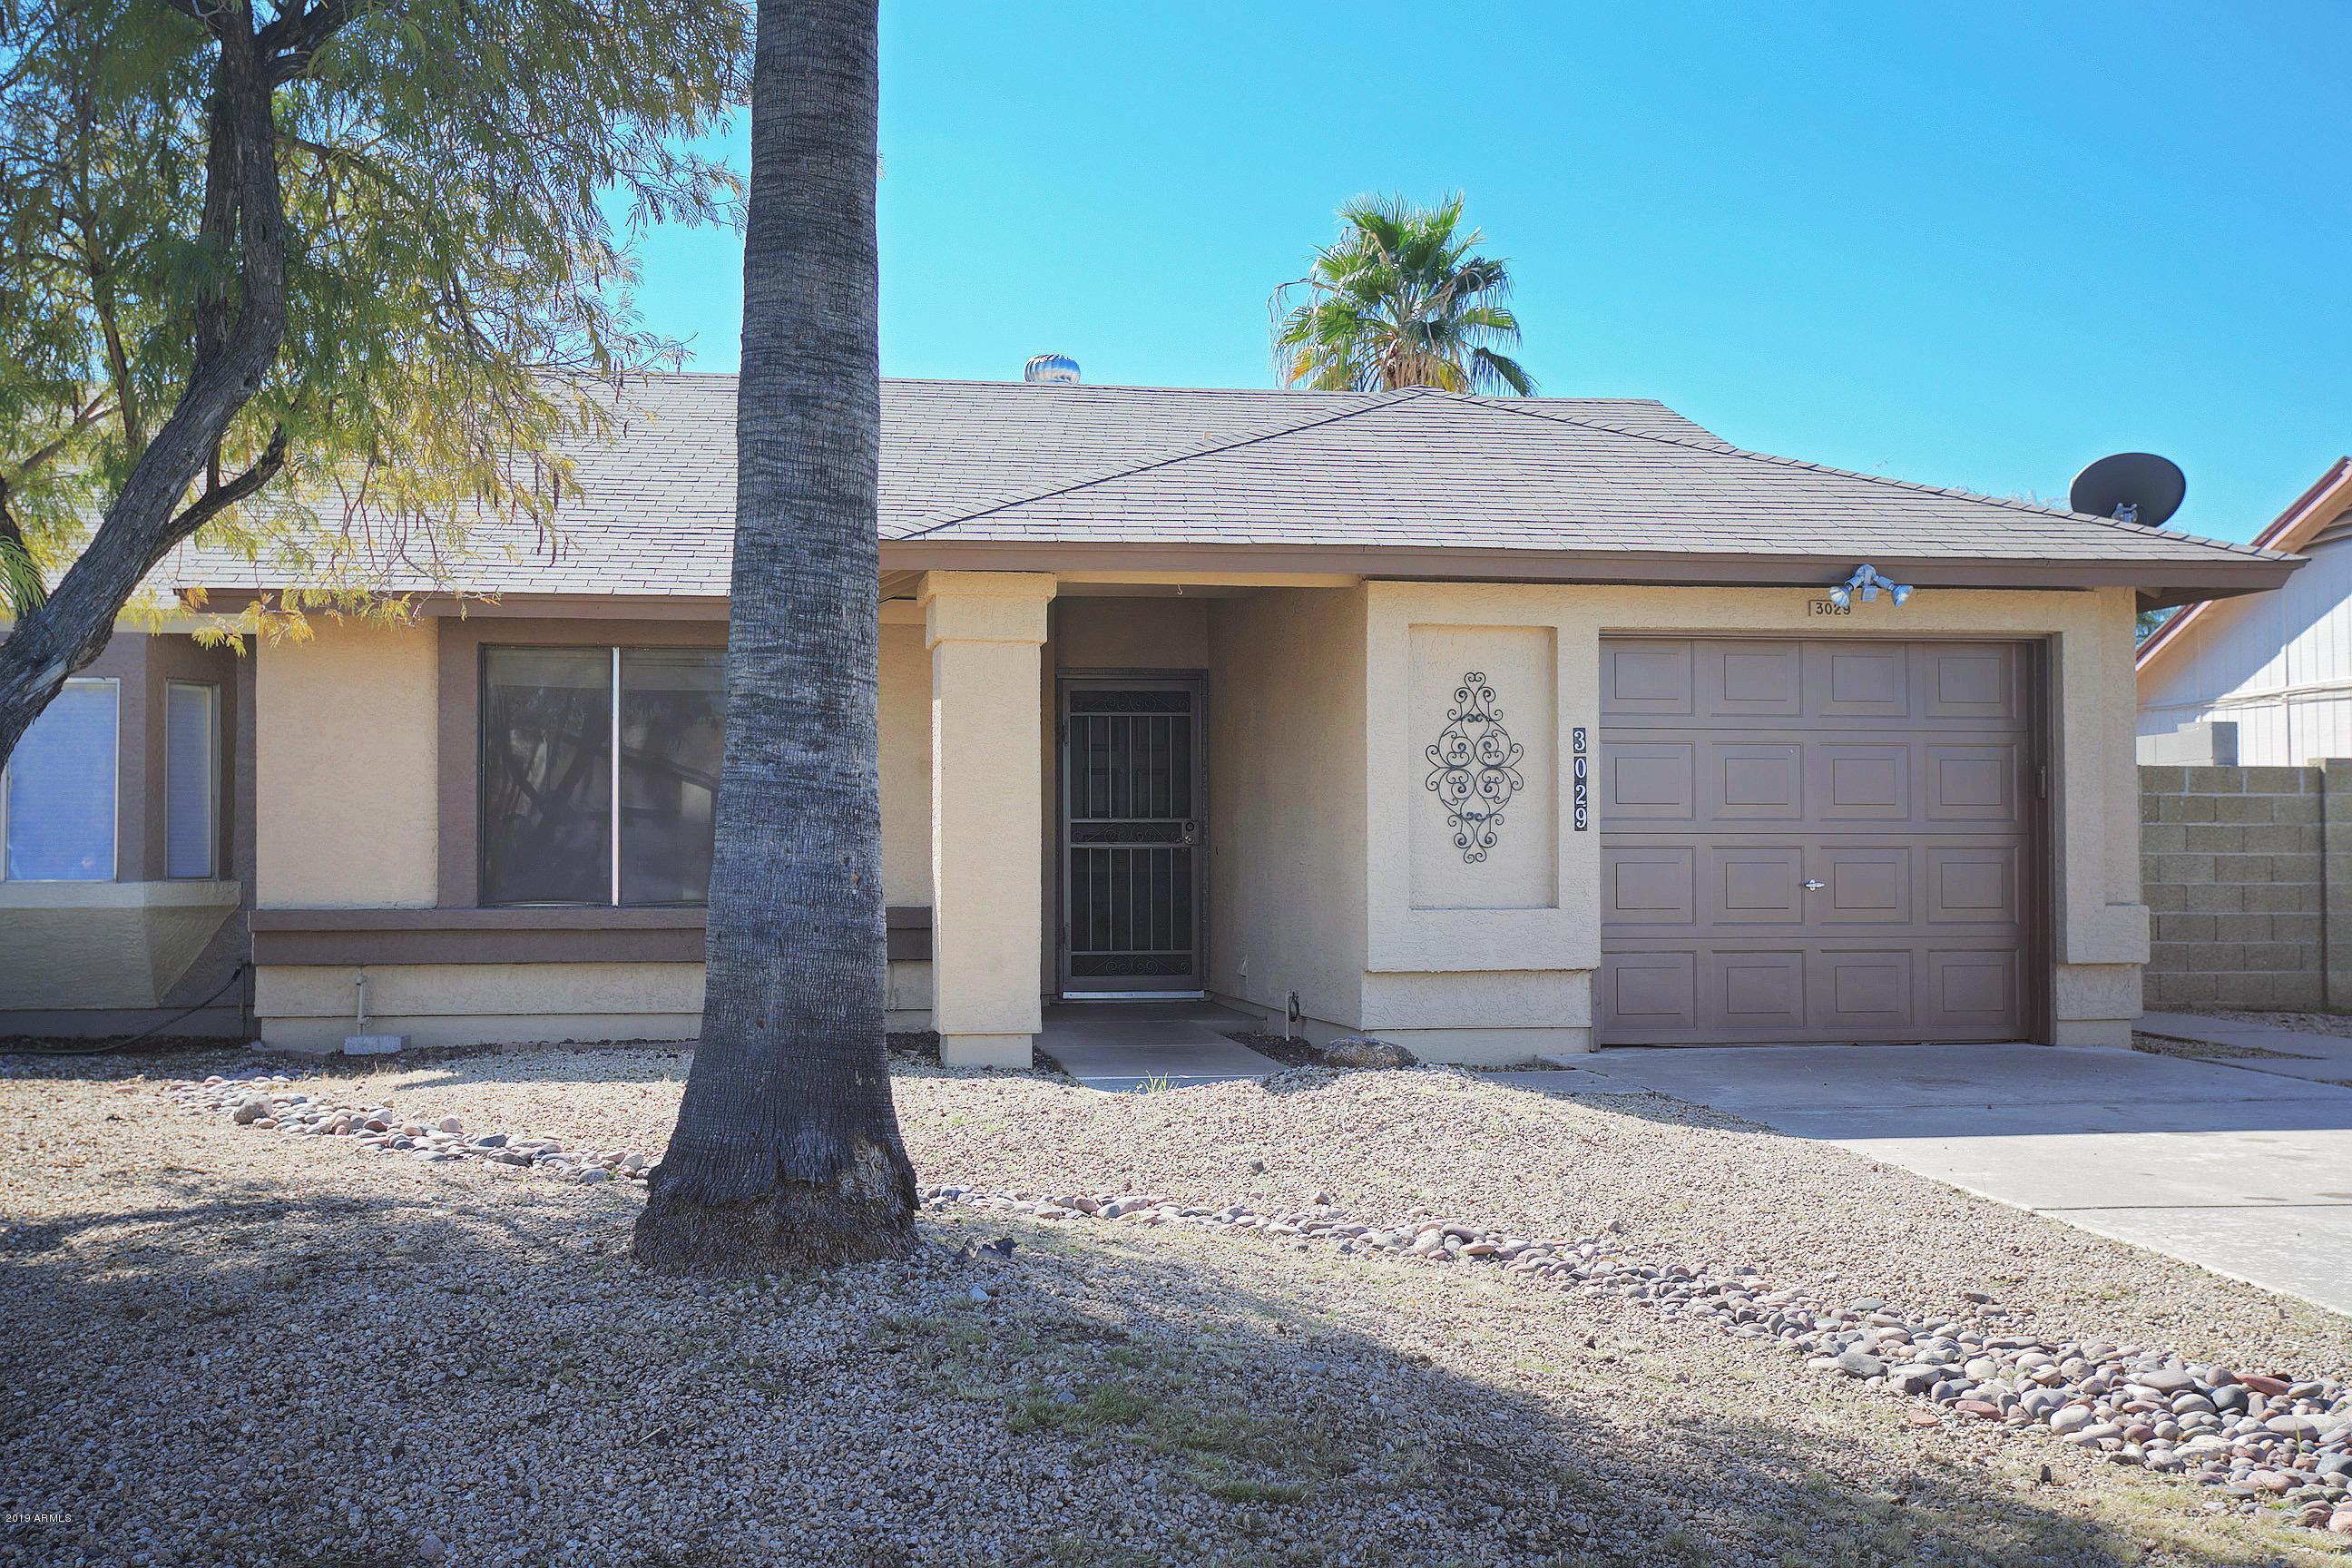 Photo of 3029 W Irma Lane, Phoenix, AZ 85027